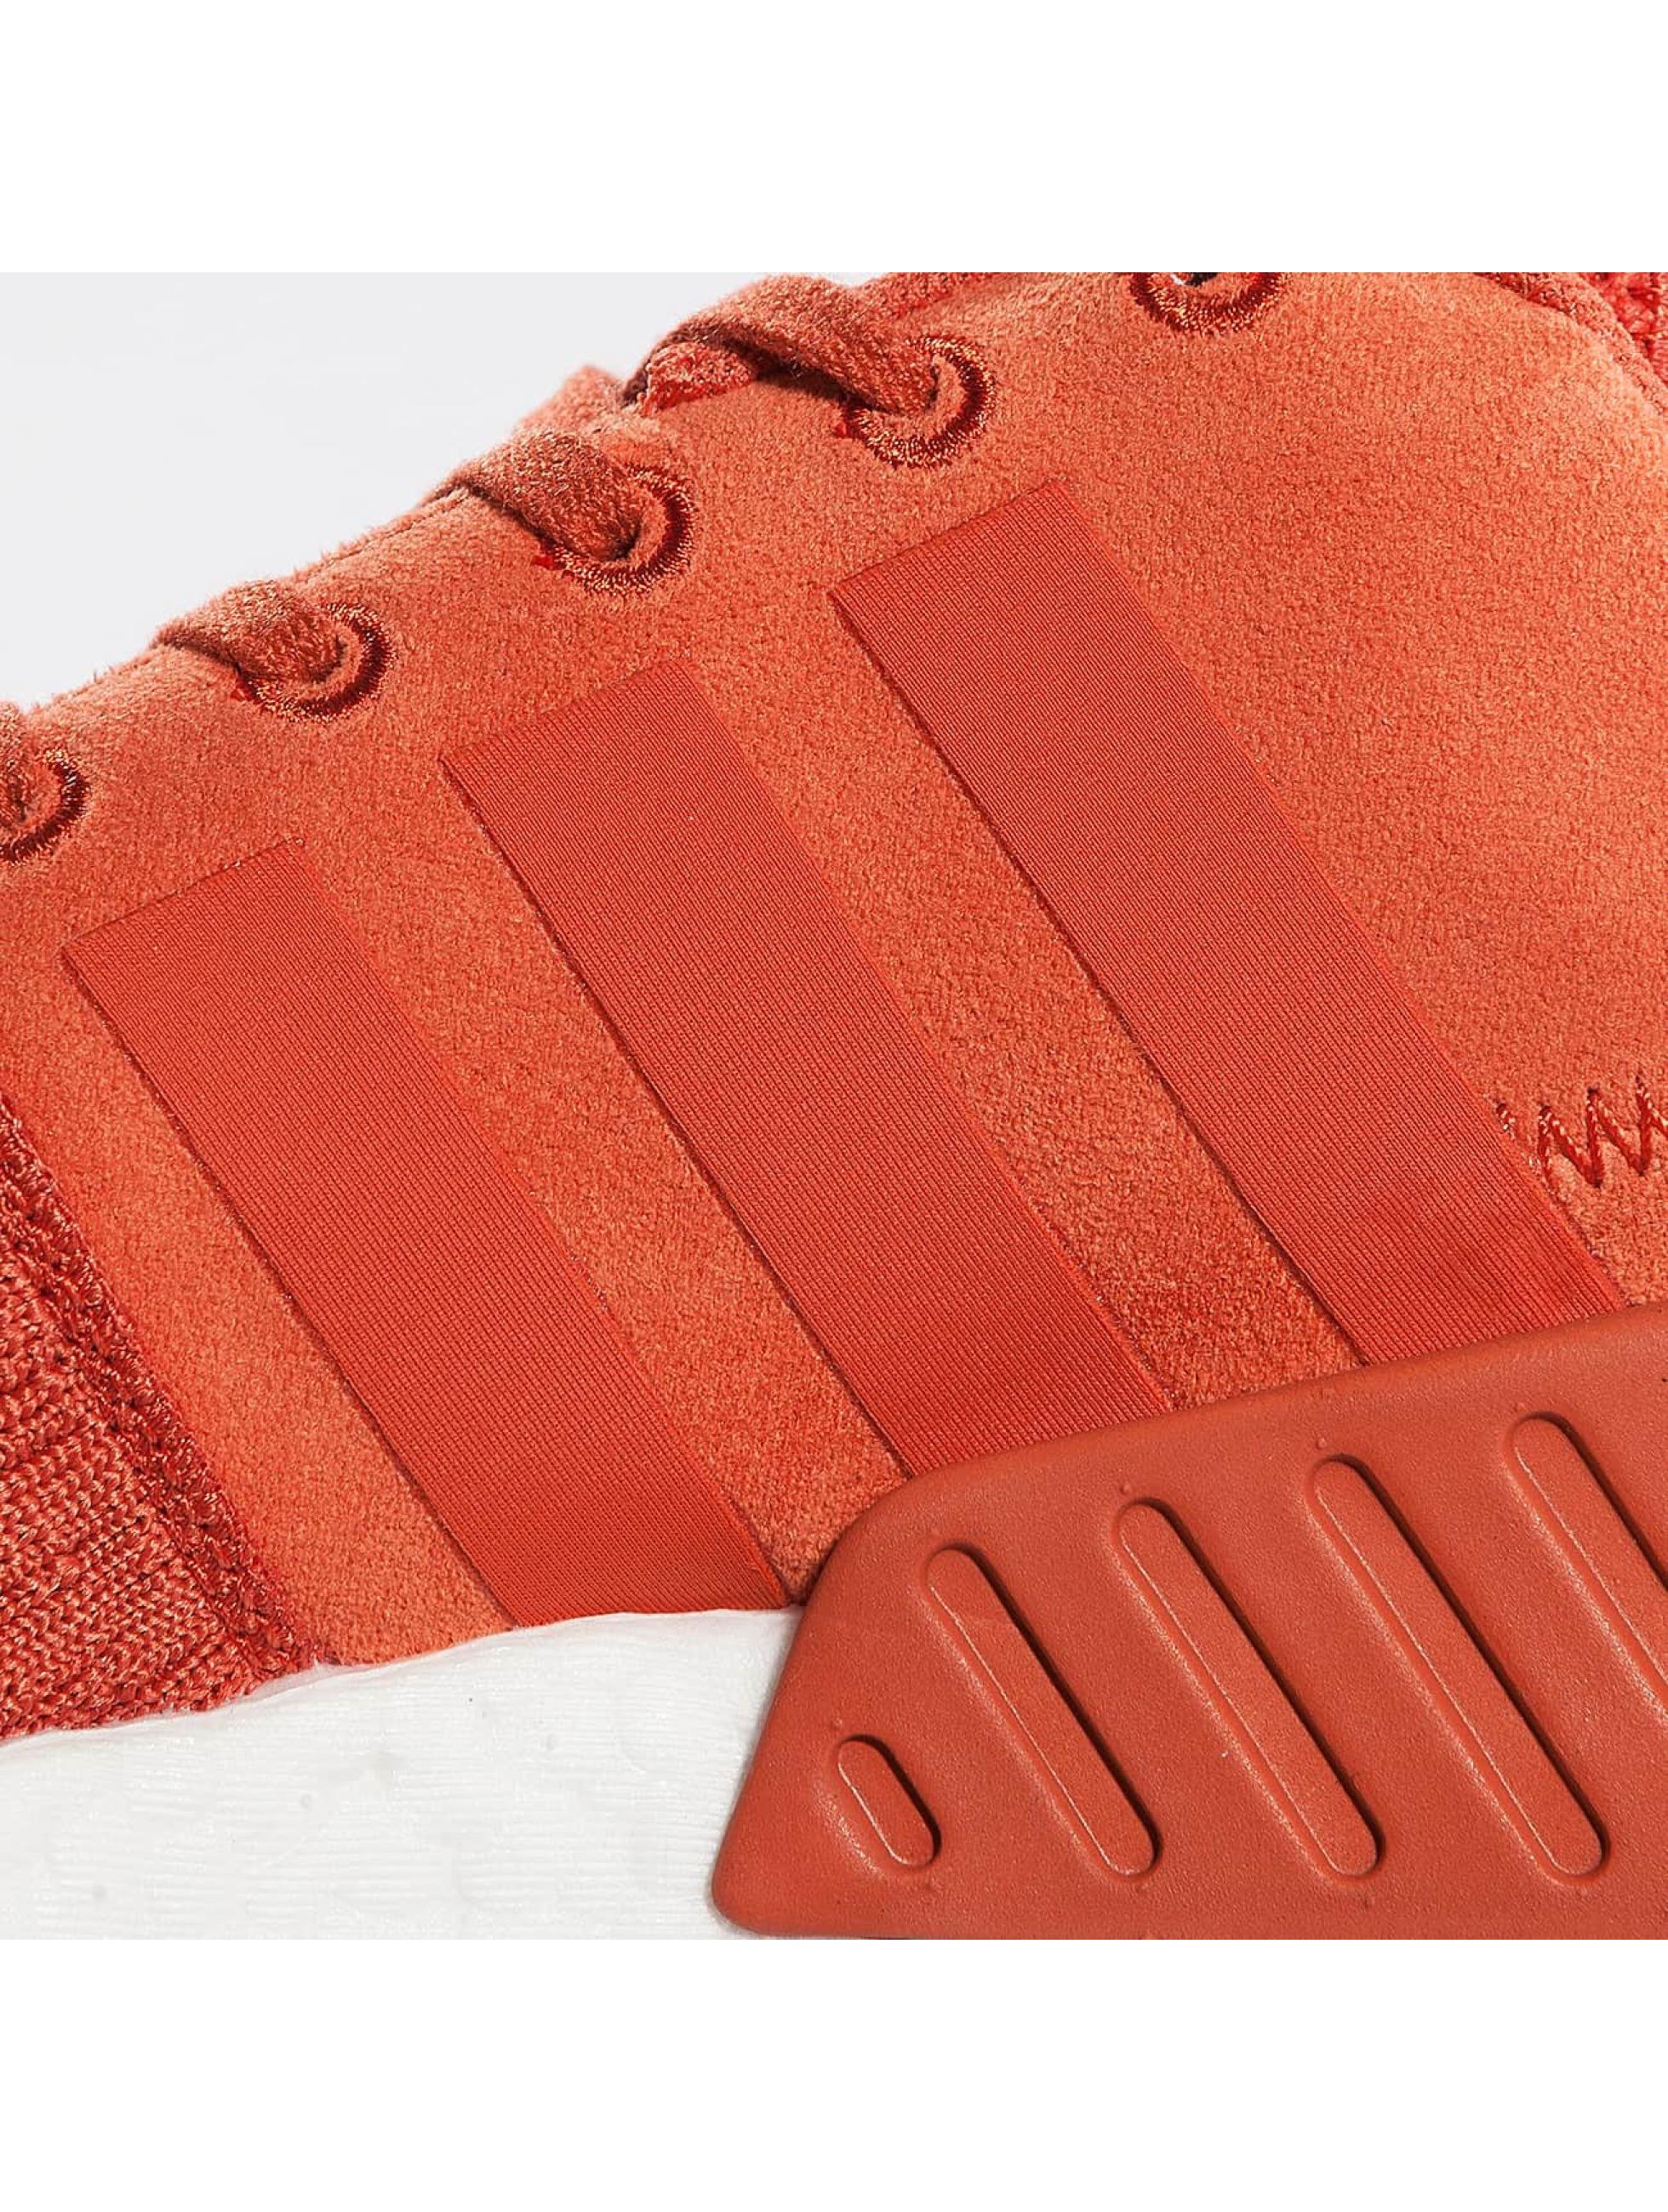 adidas Sneakers NMD_R2 czerwony